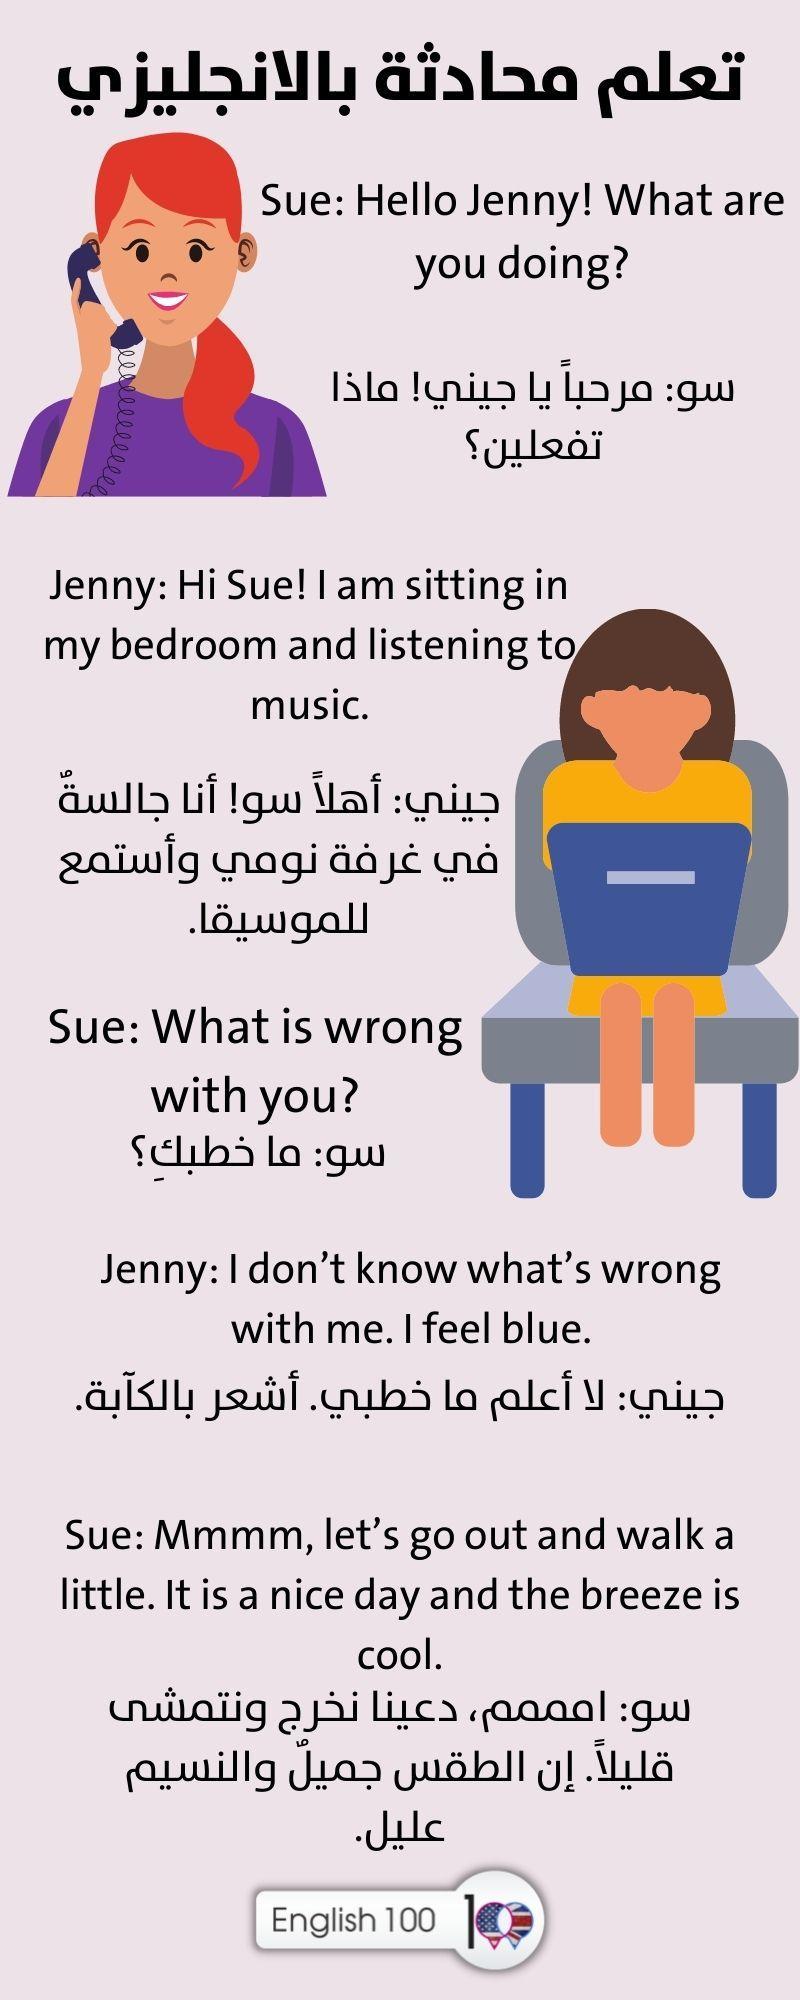 تعلم محادثة بالانجليزي Learning Conversation in English